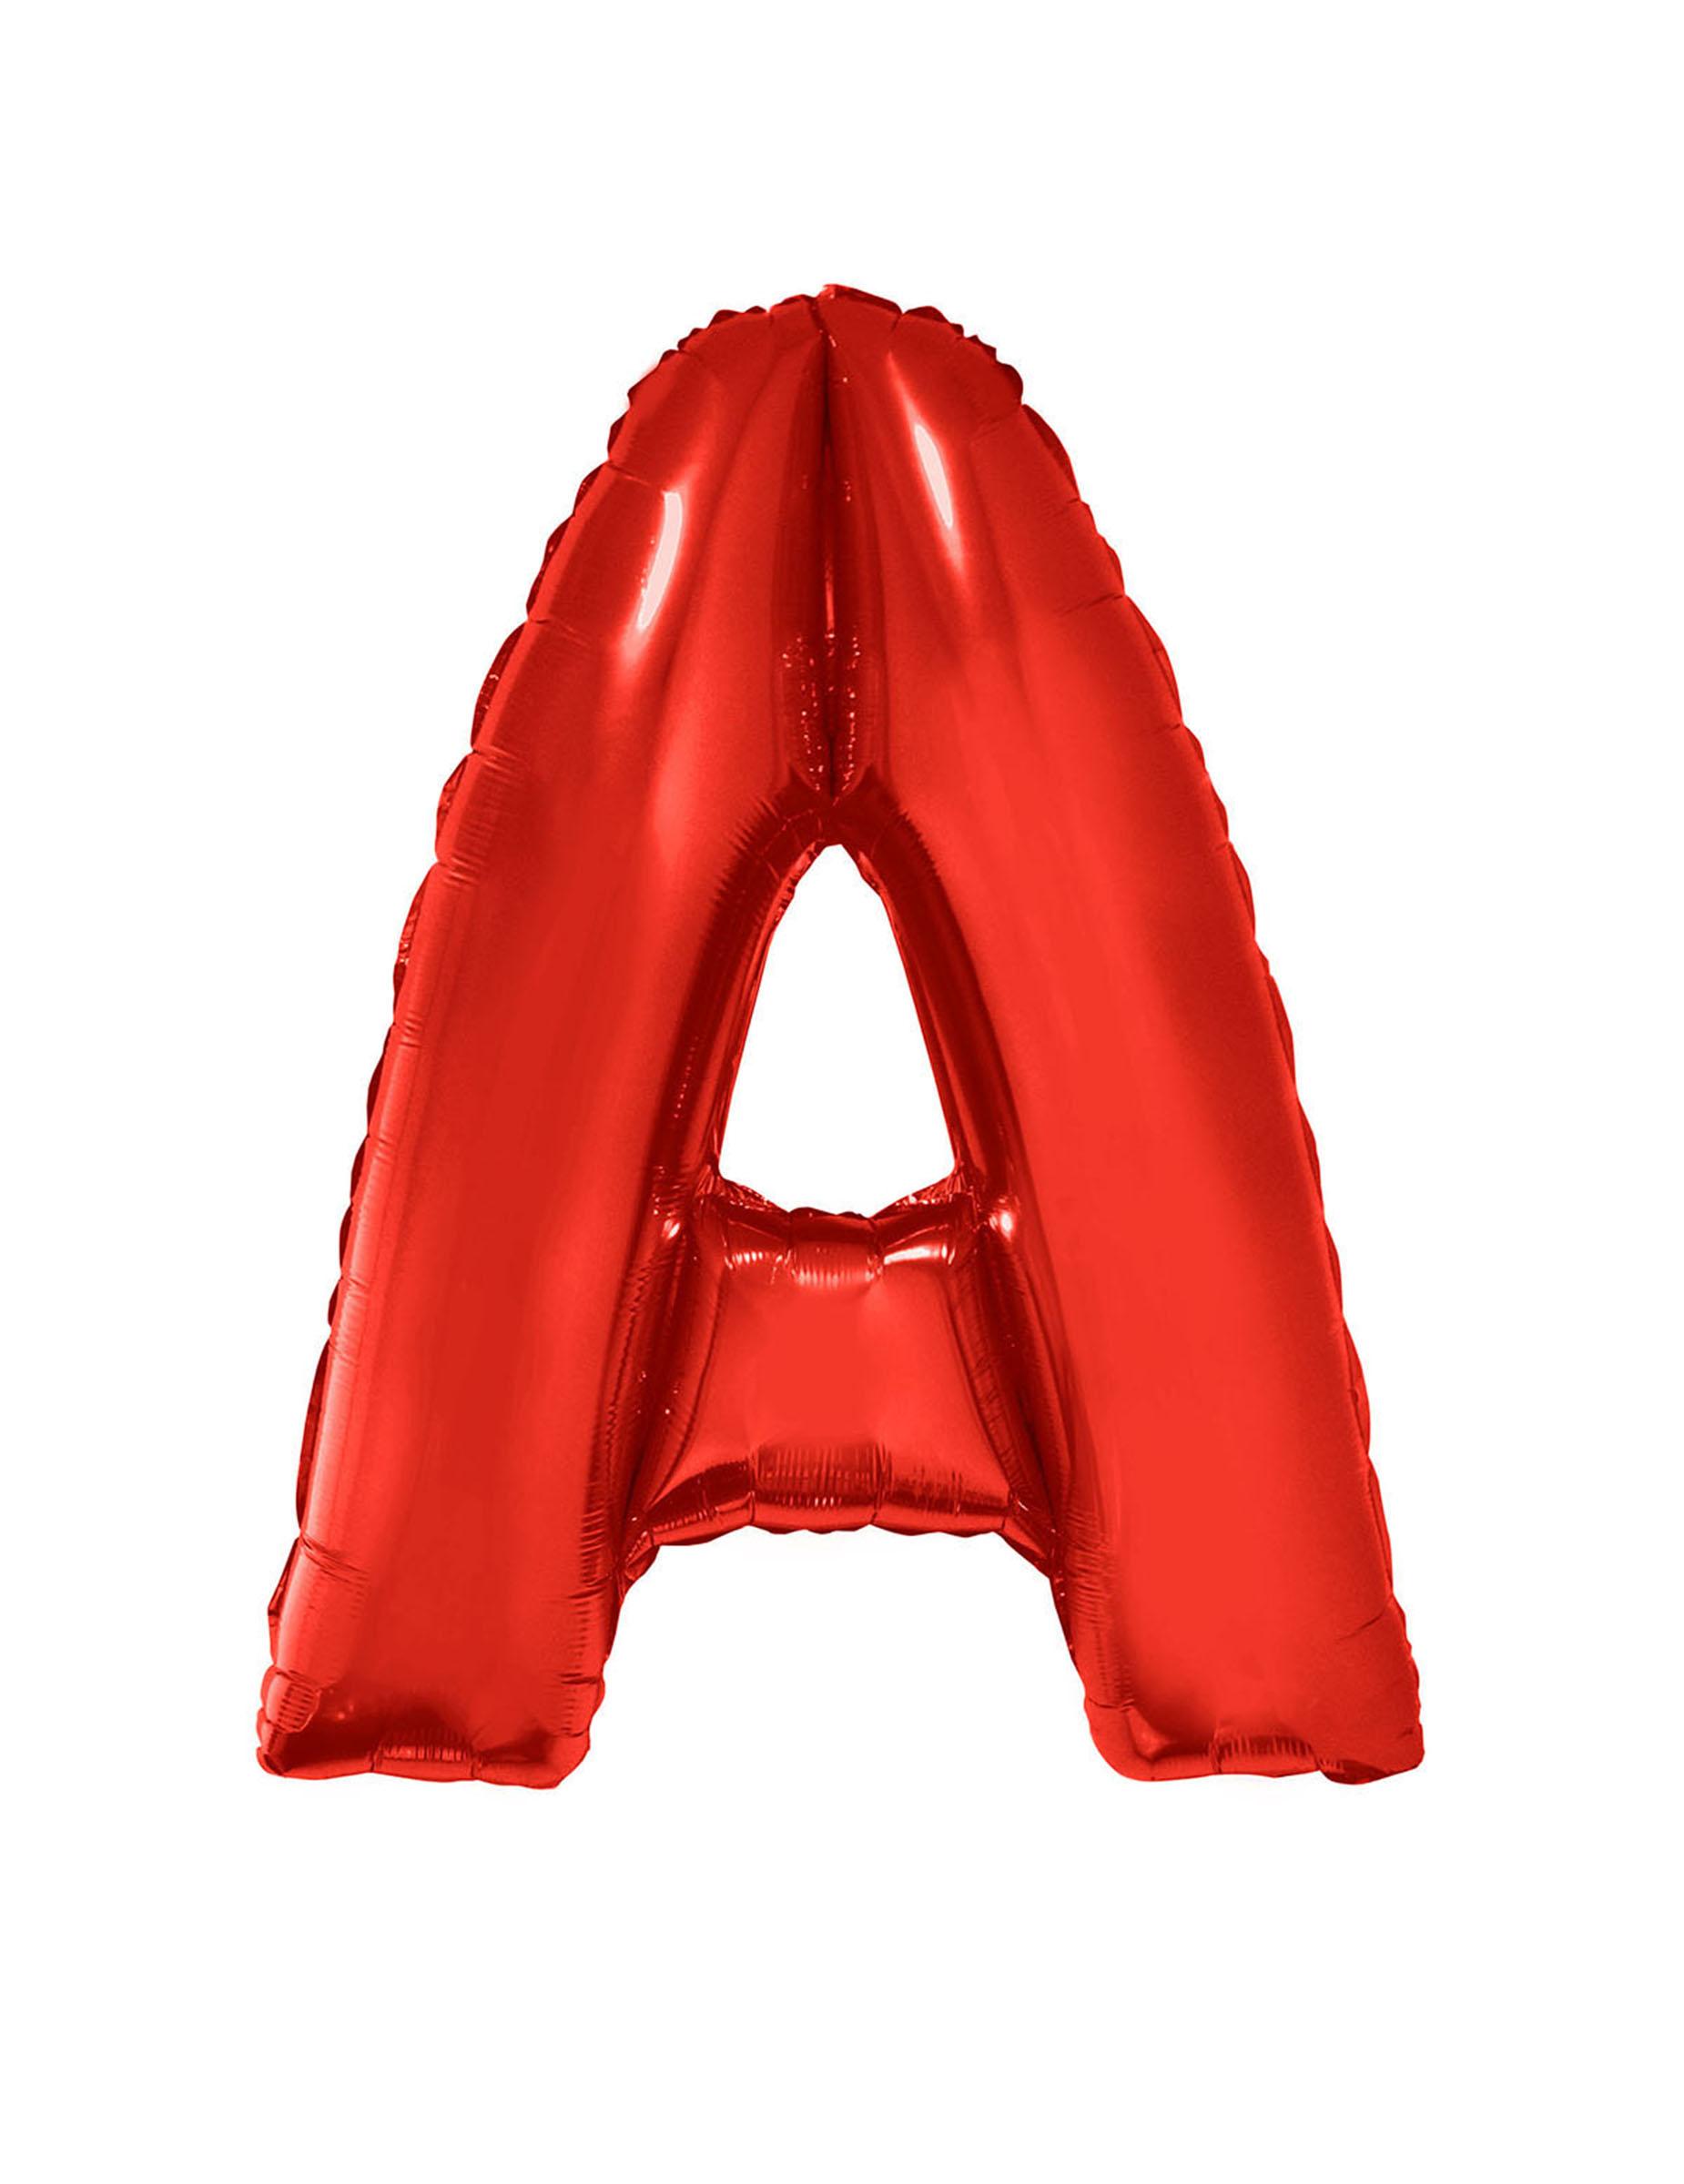 Ballon aluminium géant lettre A rouge 102 cm : Deguise-toi, achat de ...